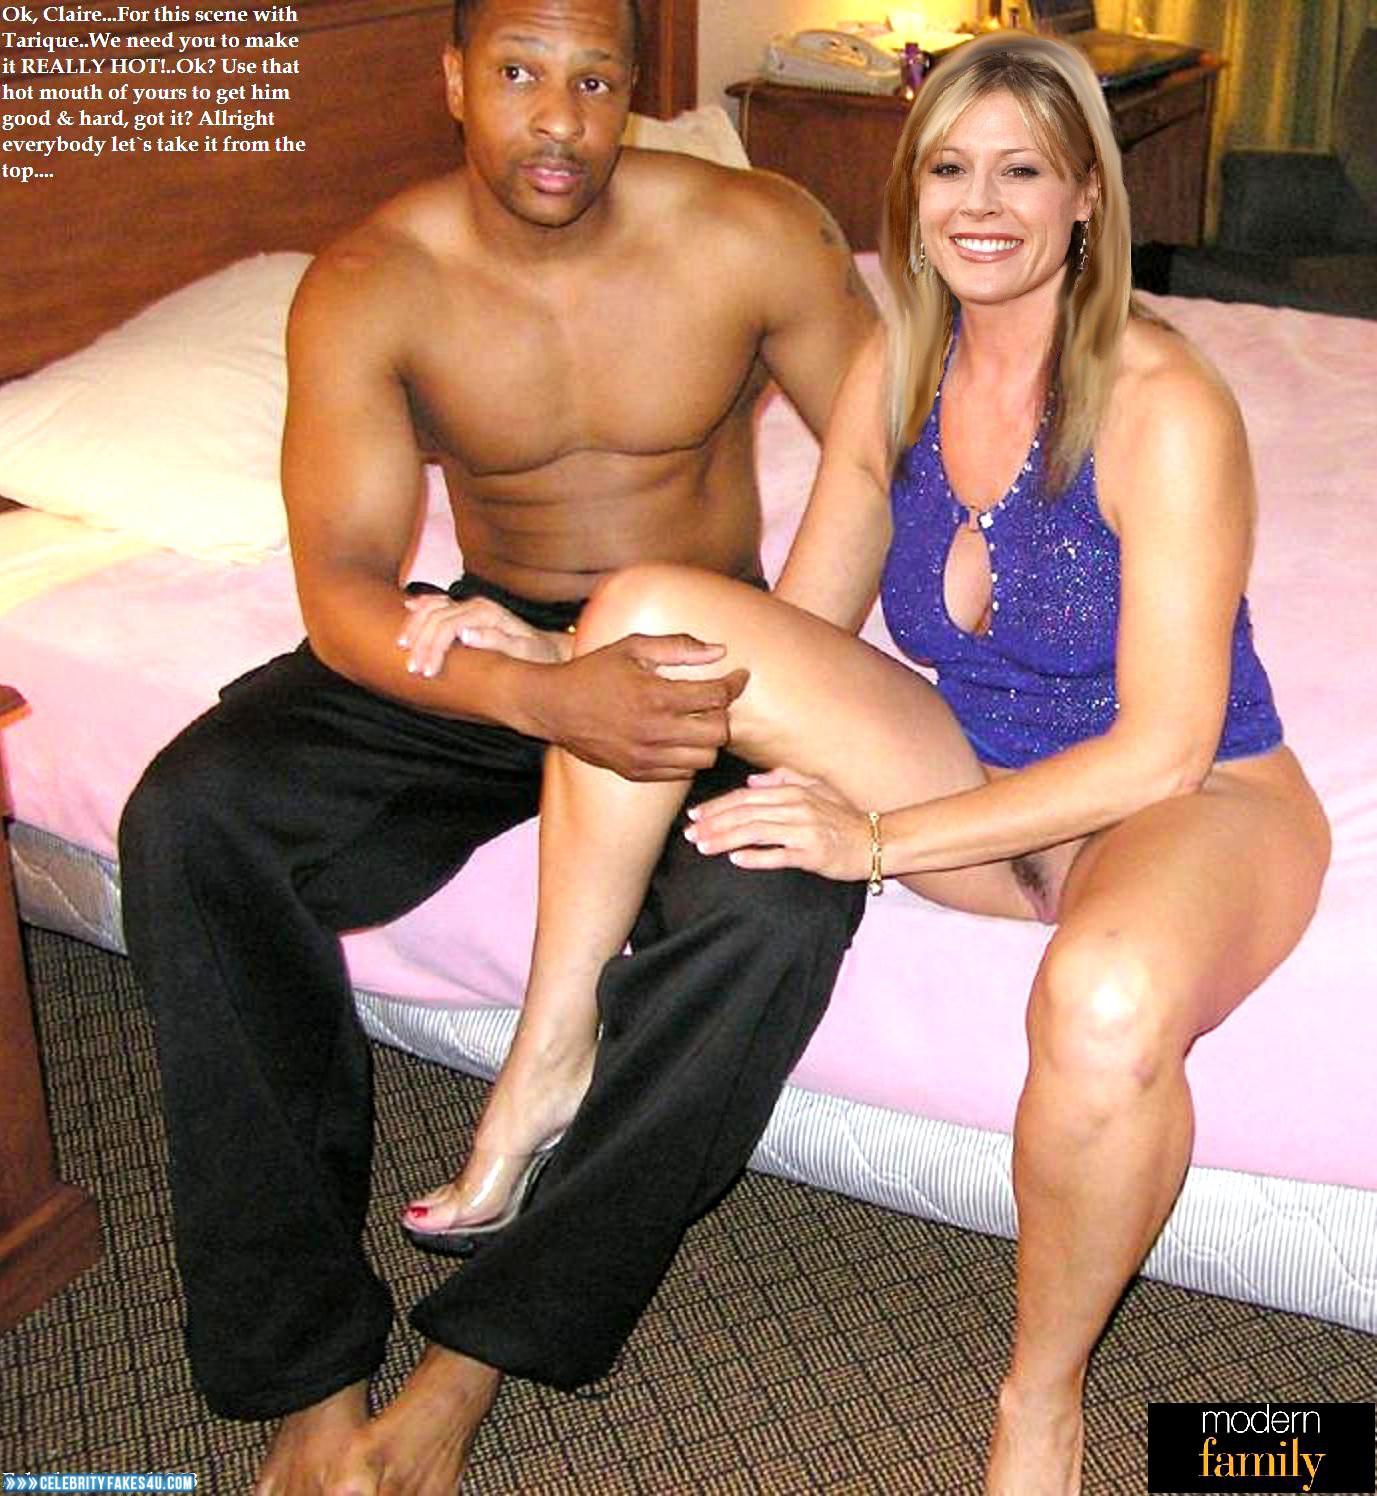 Julie Bowen Naked Leaked 001  Celebrity Fakes 4U-6133